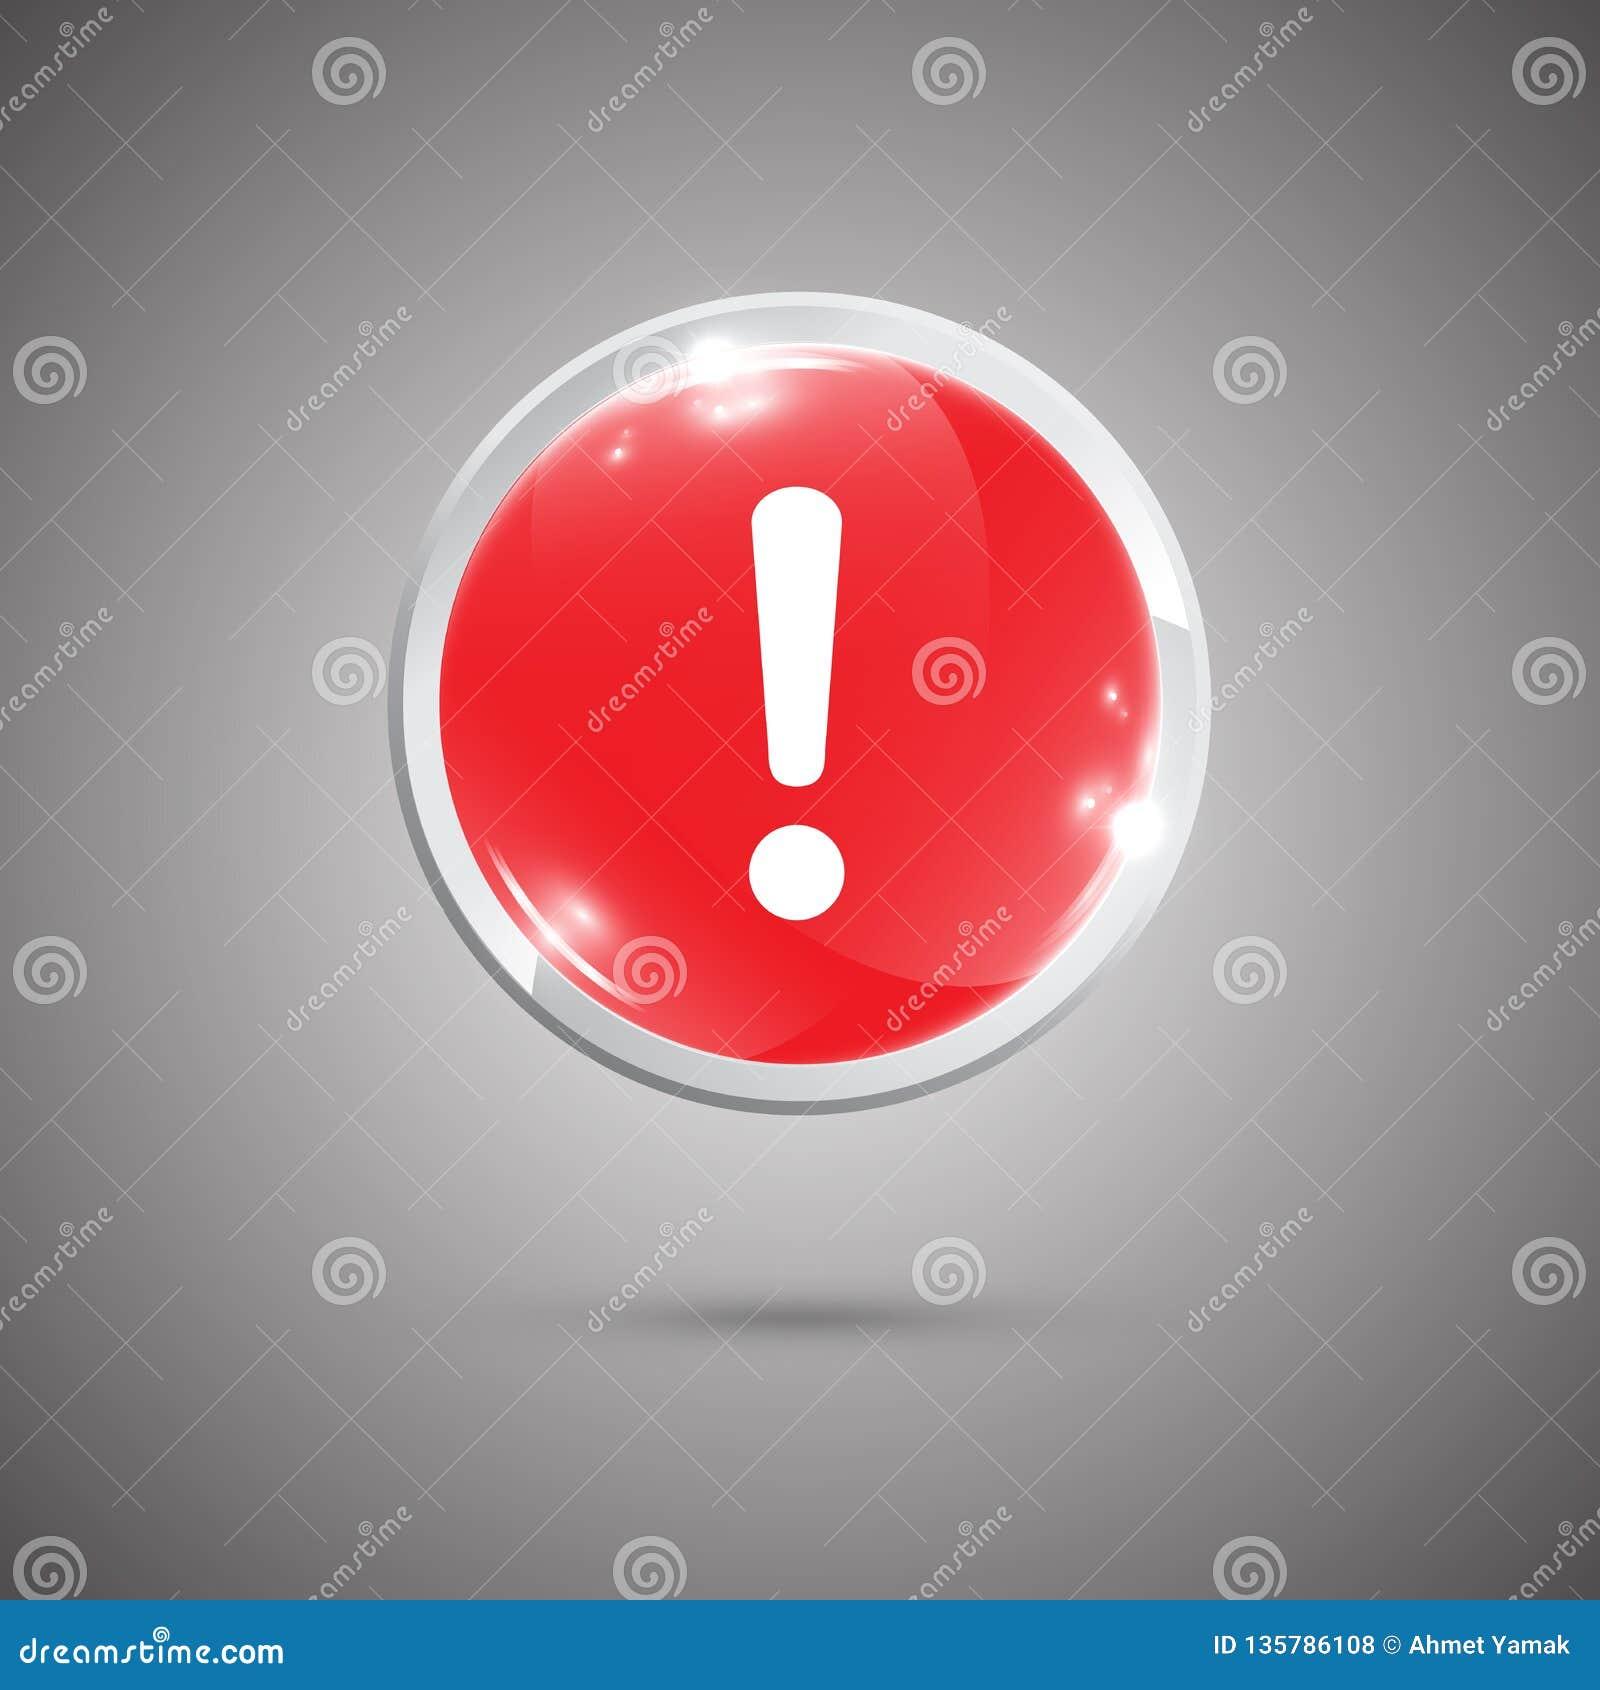 Лоснистая округленная кнопка с восклицательным знаком